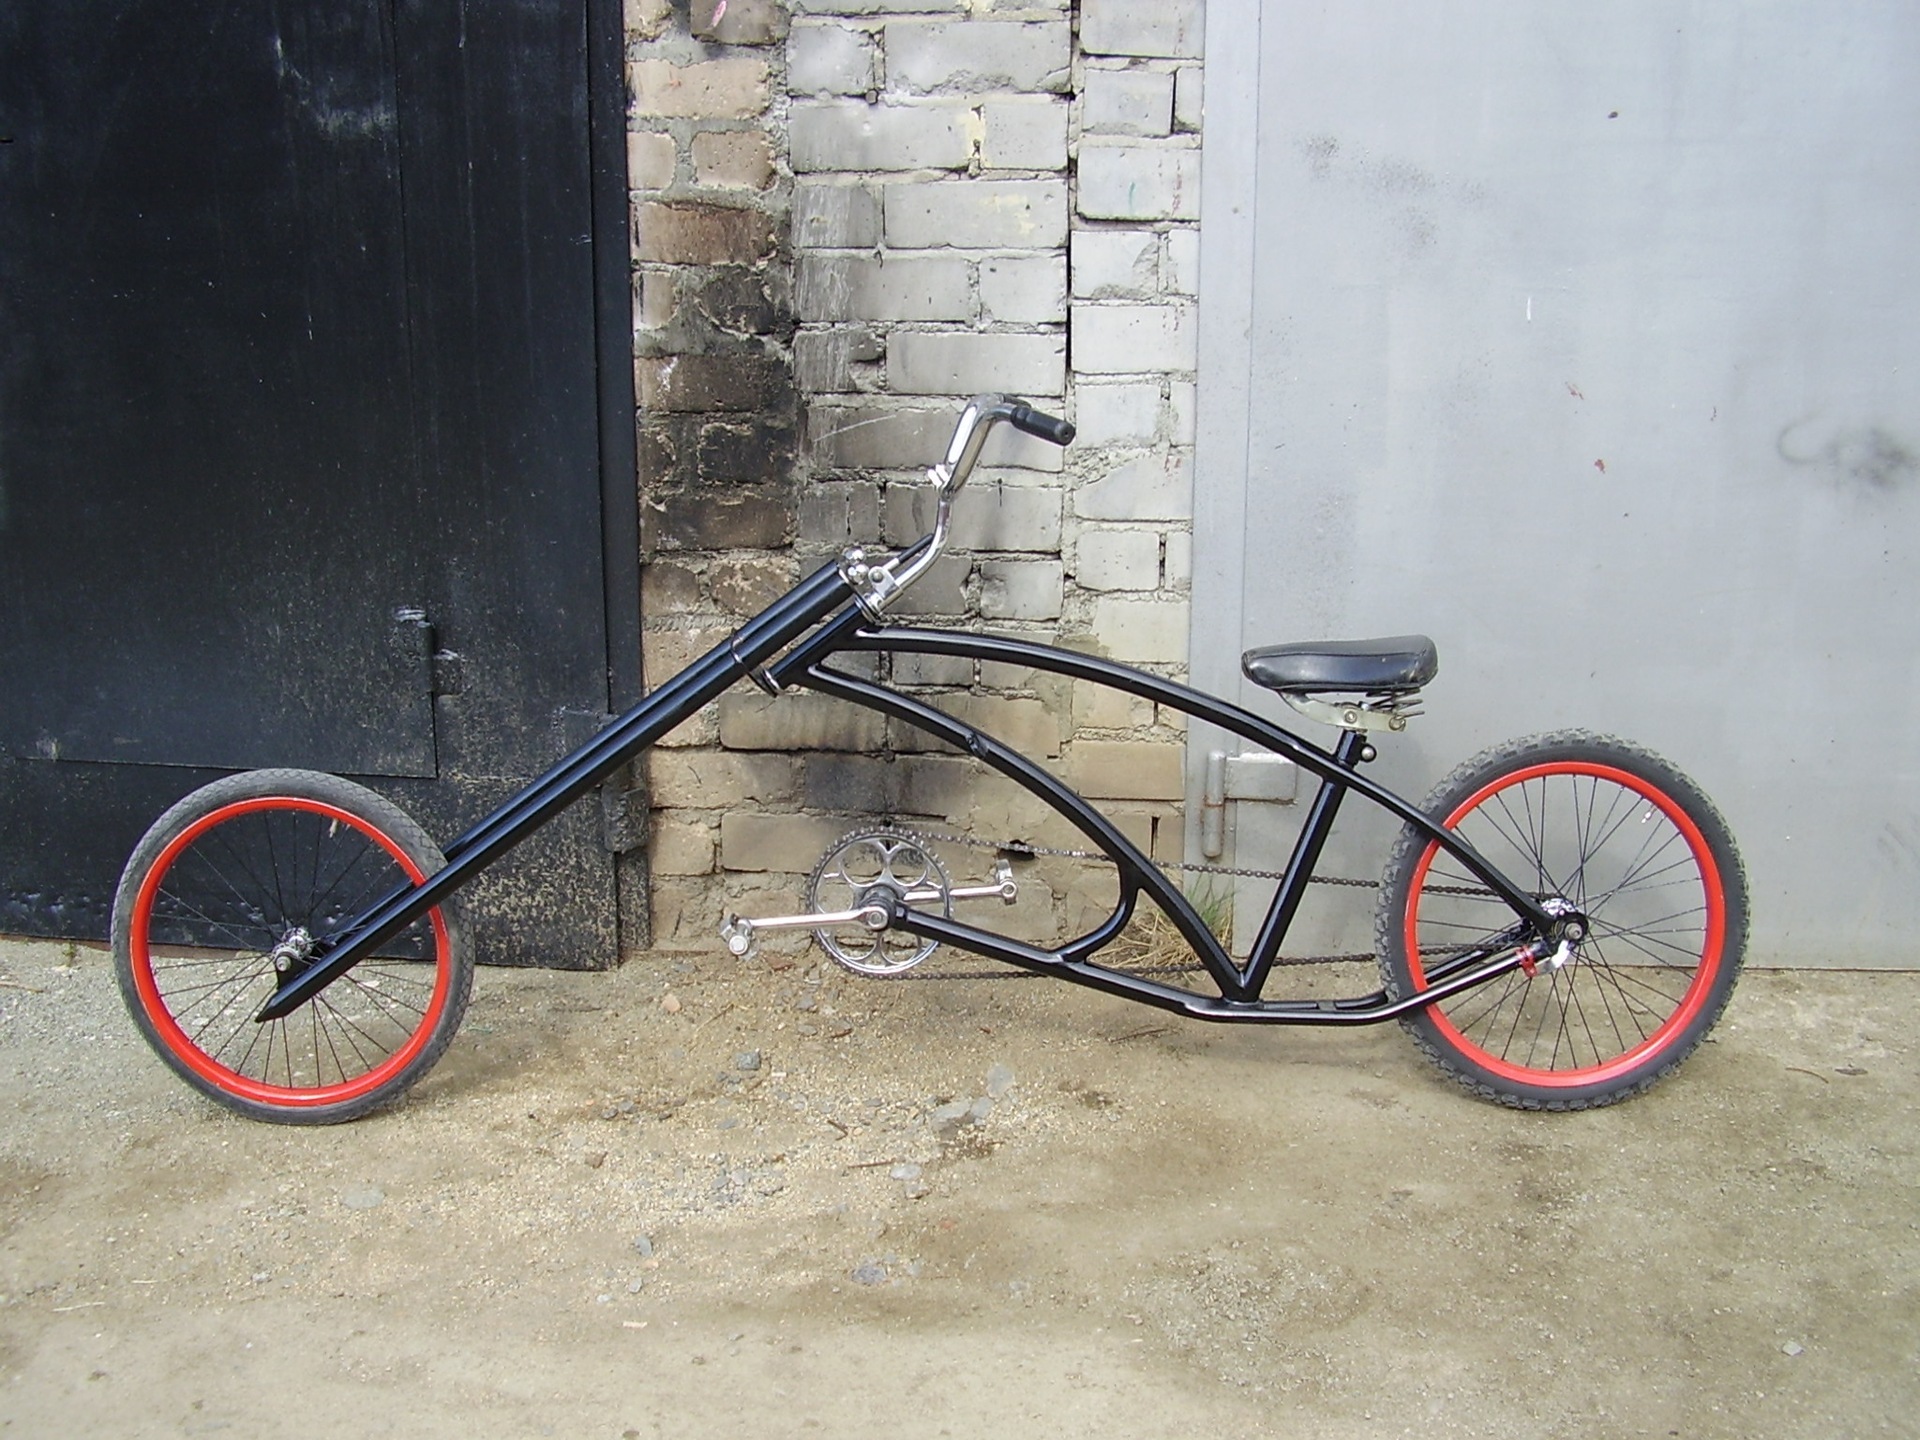 Виды тюнинга велосипеда, апгрейд функционала, комфорта и безопасности